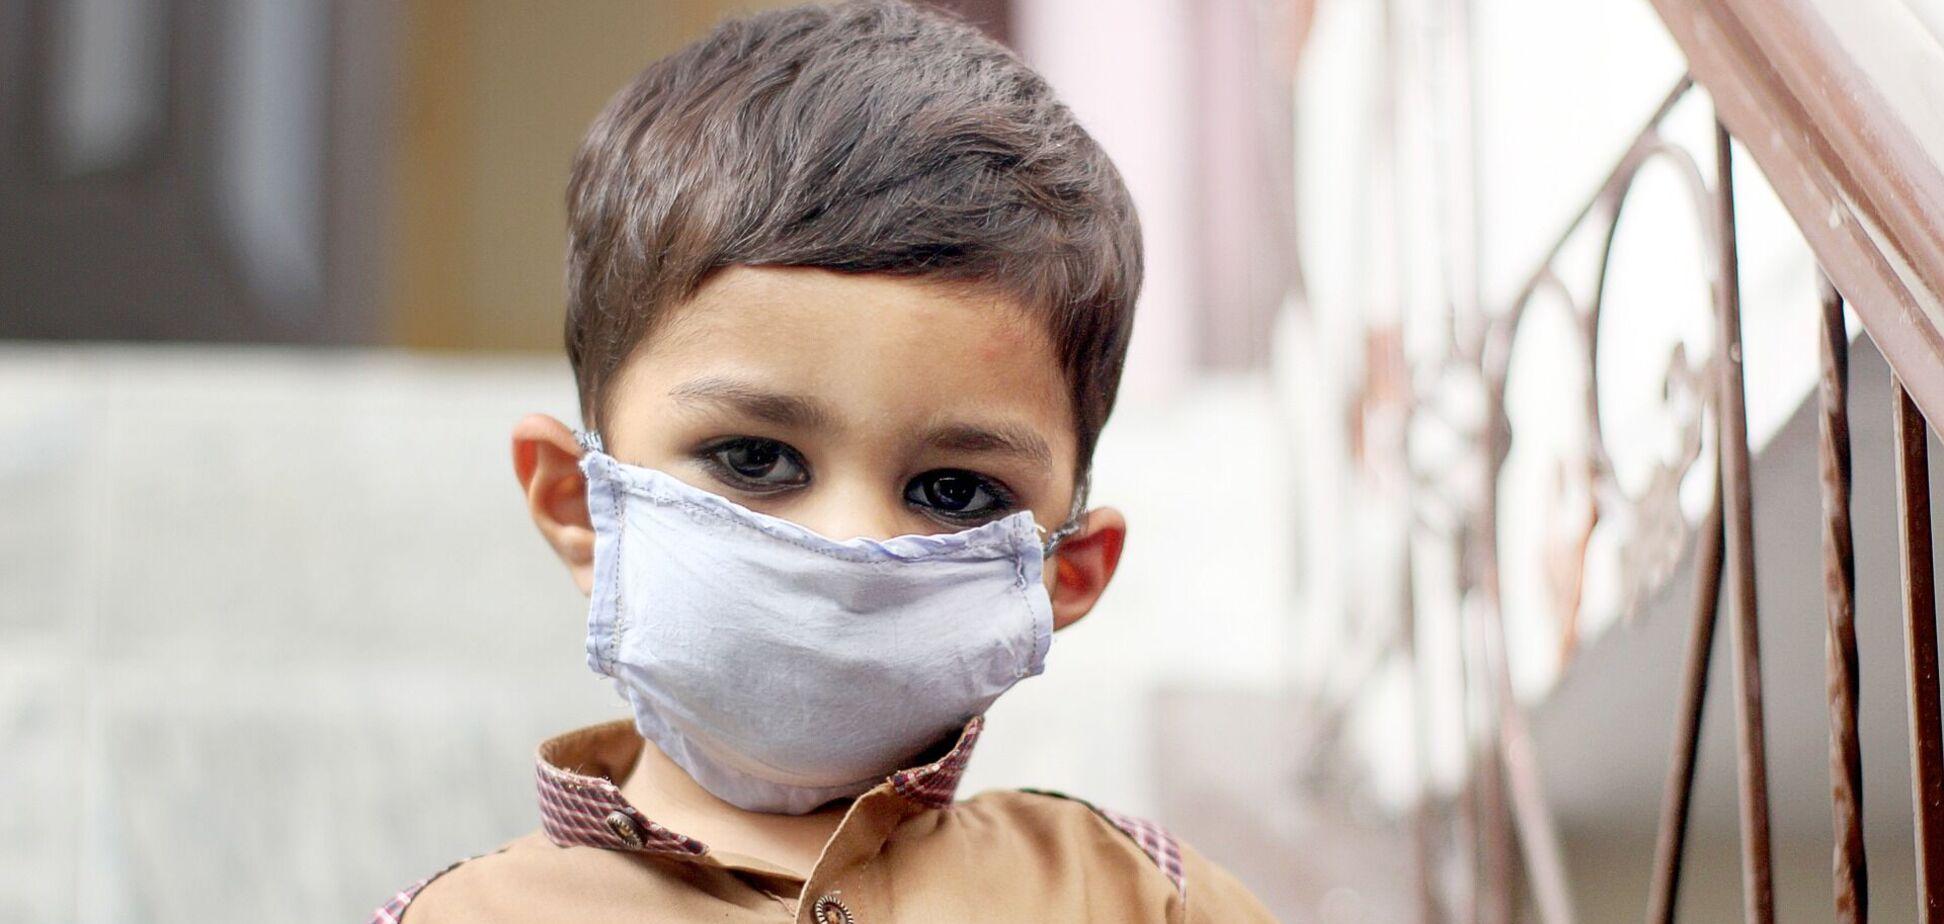 Дитина в медичній масці